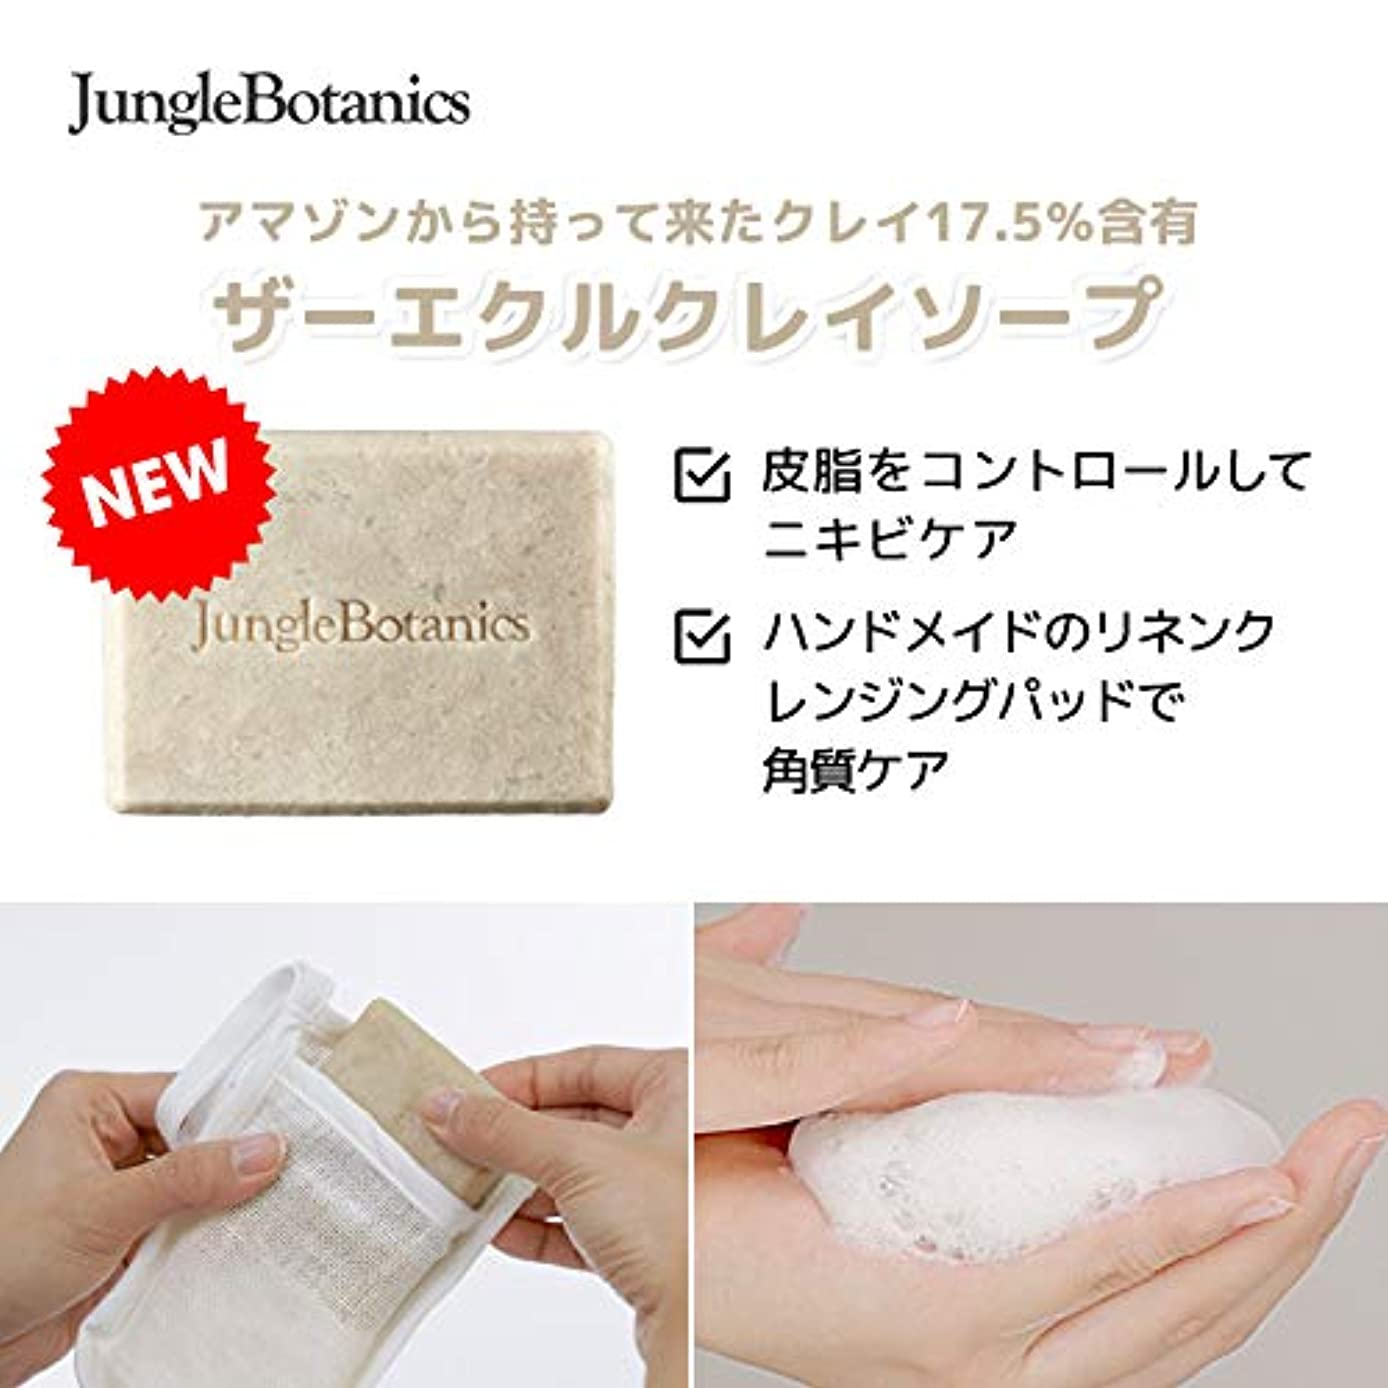 遺棄されたライブ適性[JUNGLE BOTANICS] ザーエクルクレイソープ110g, [JUNGLE BOTANICS] The Ecru Clay Soap 110g [並行輸入品] …